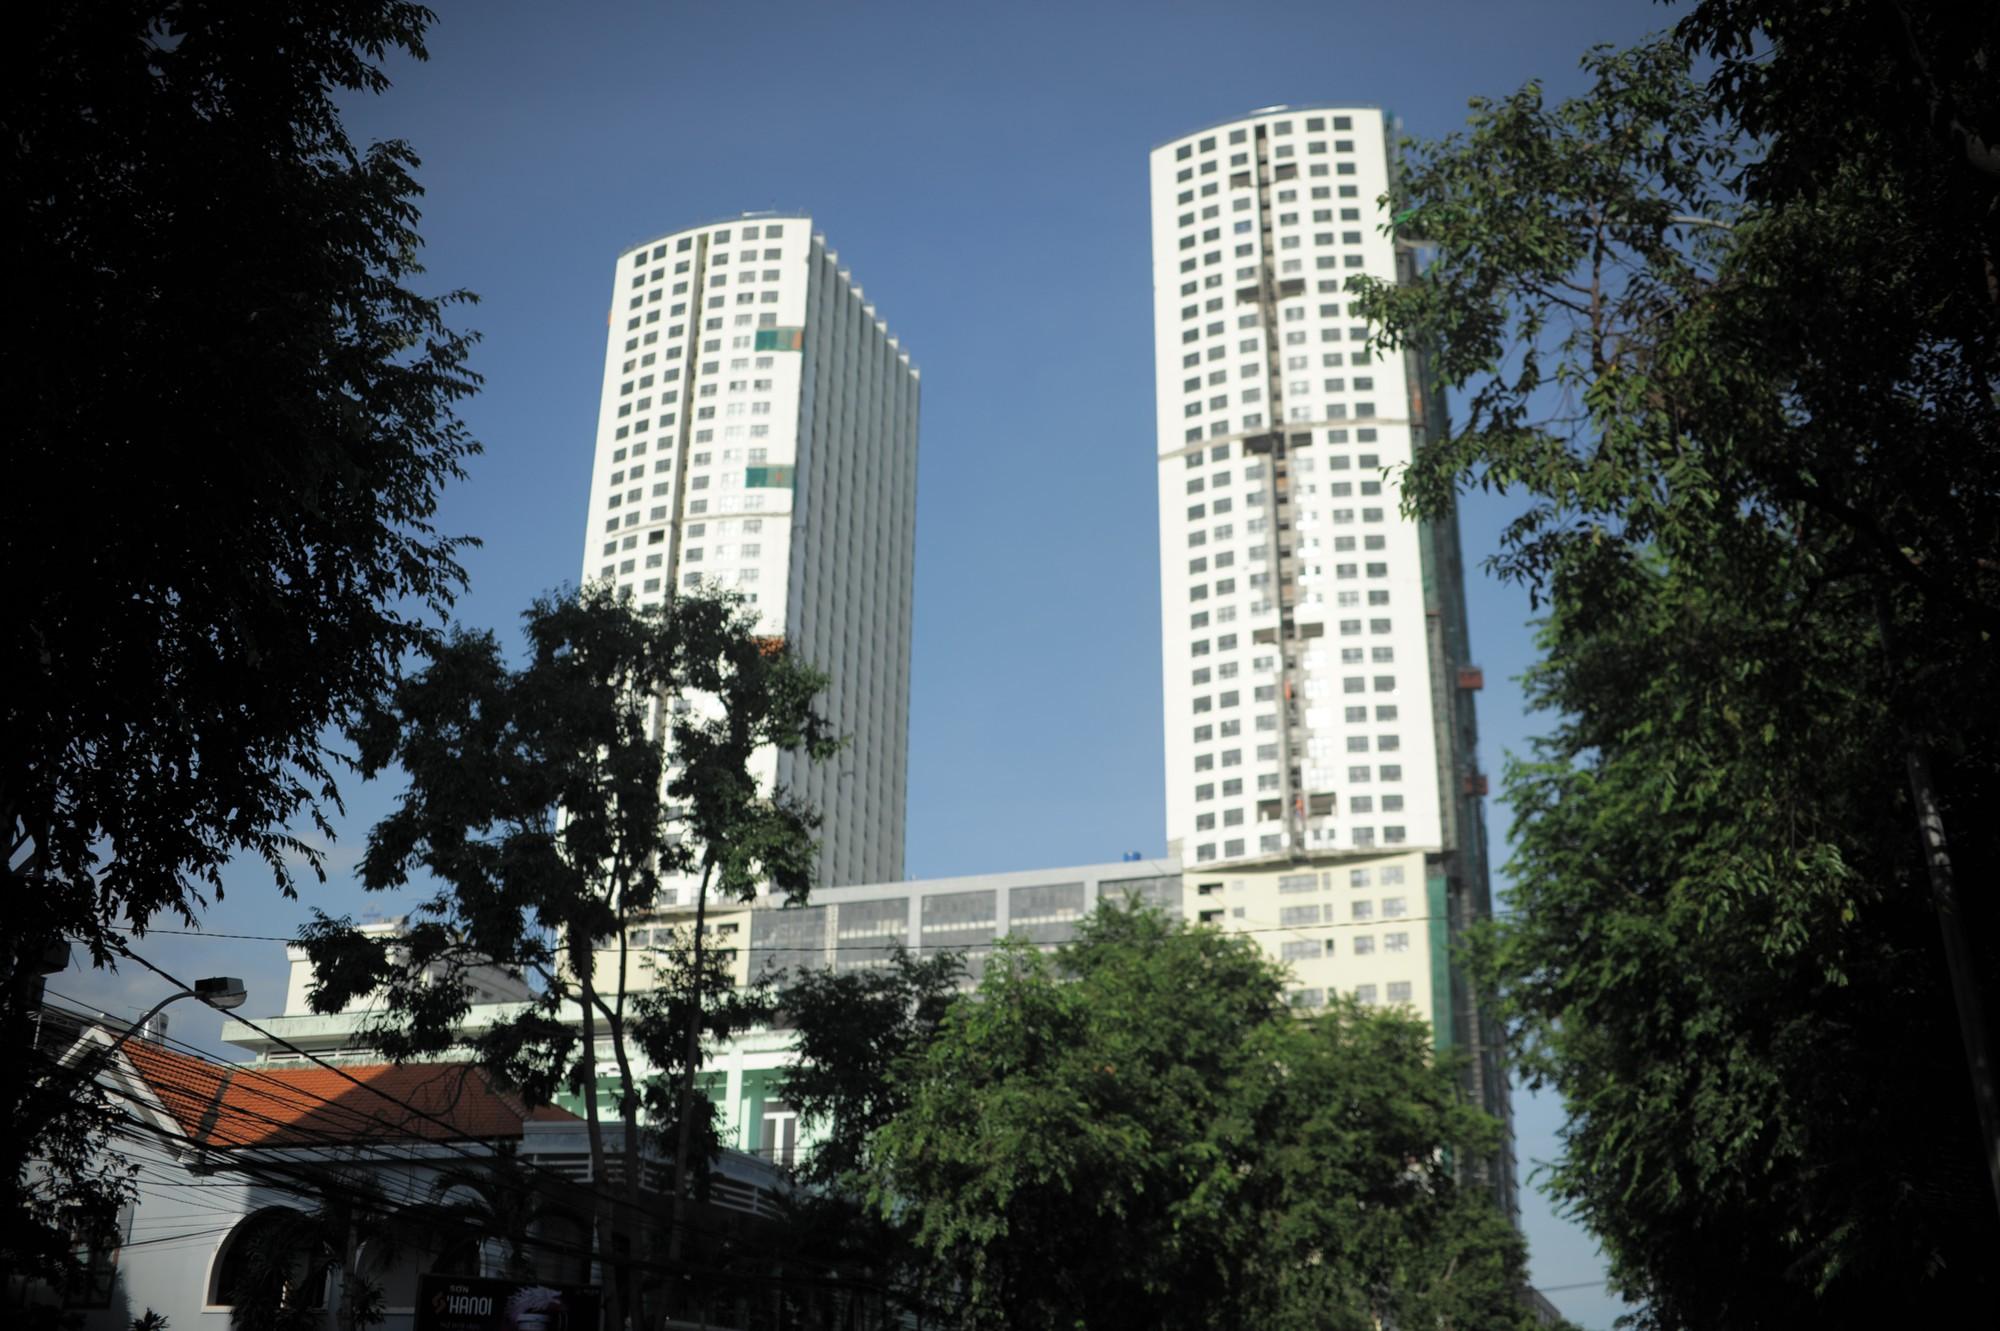 UBND Khánh Hòa duyệt 47 dự án vượt thẩm quyền, ra 289 văn bản có nội dung vi phạm - Ảnh 4.